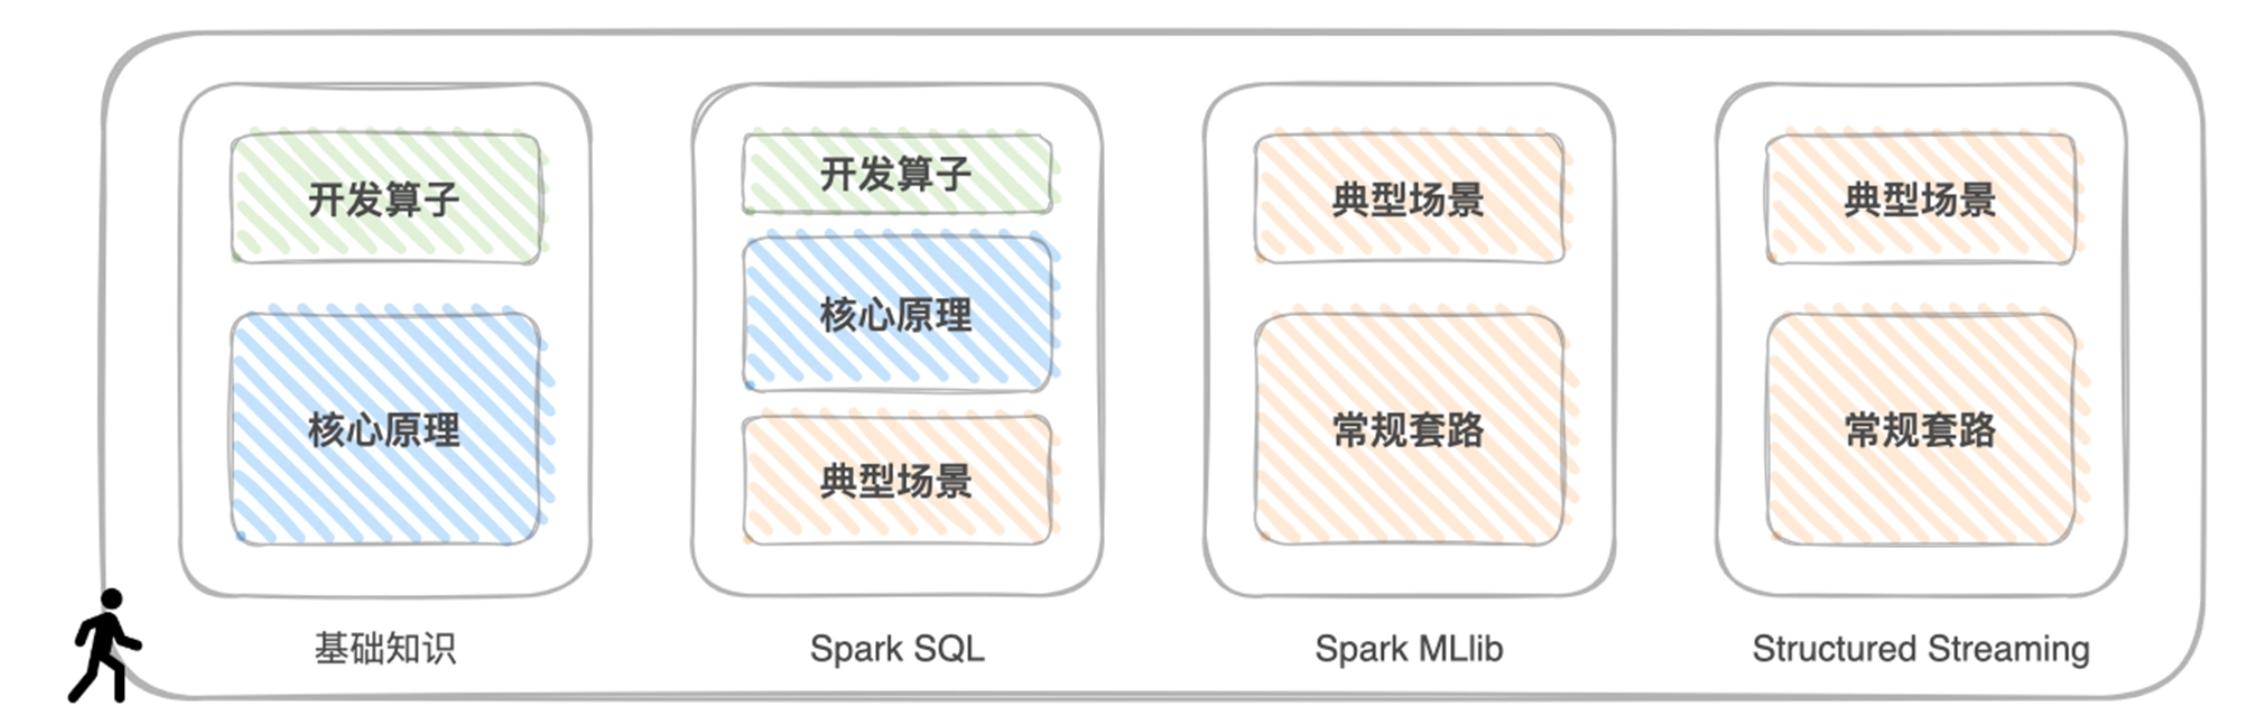 零基础入门Spark,从项目入手,带你深入浅出玩转Spark